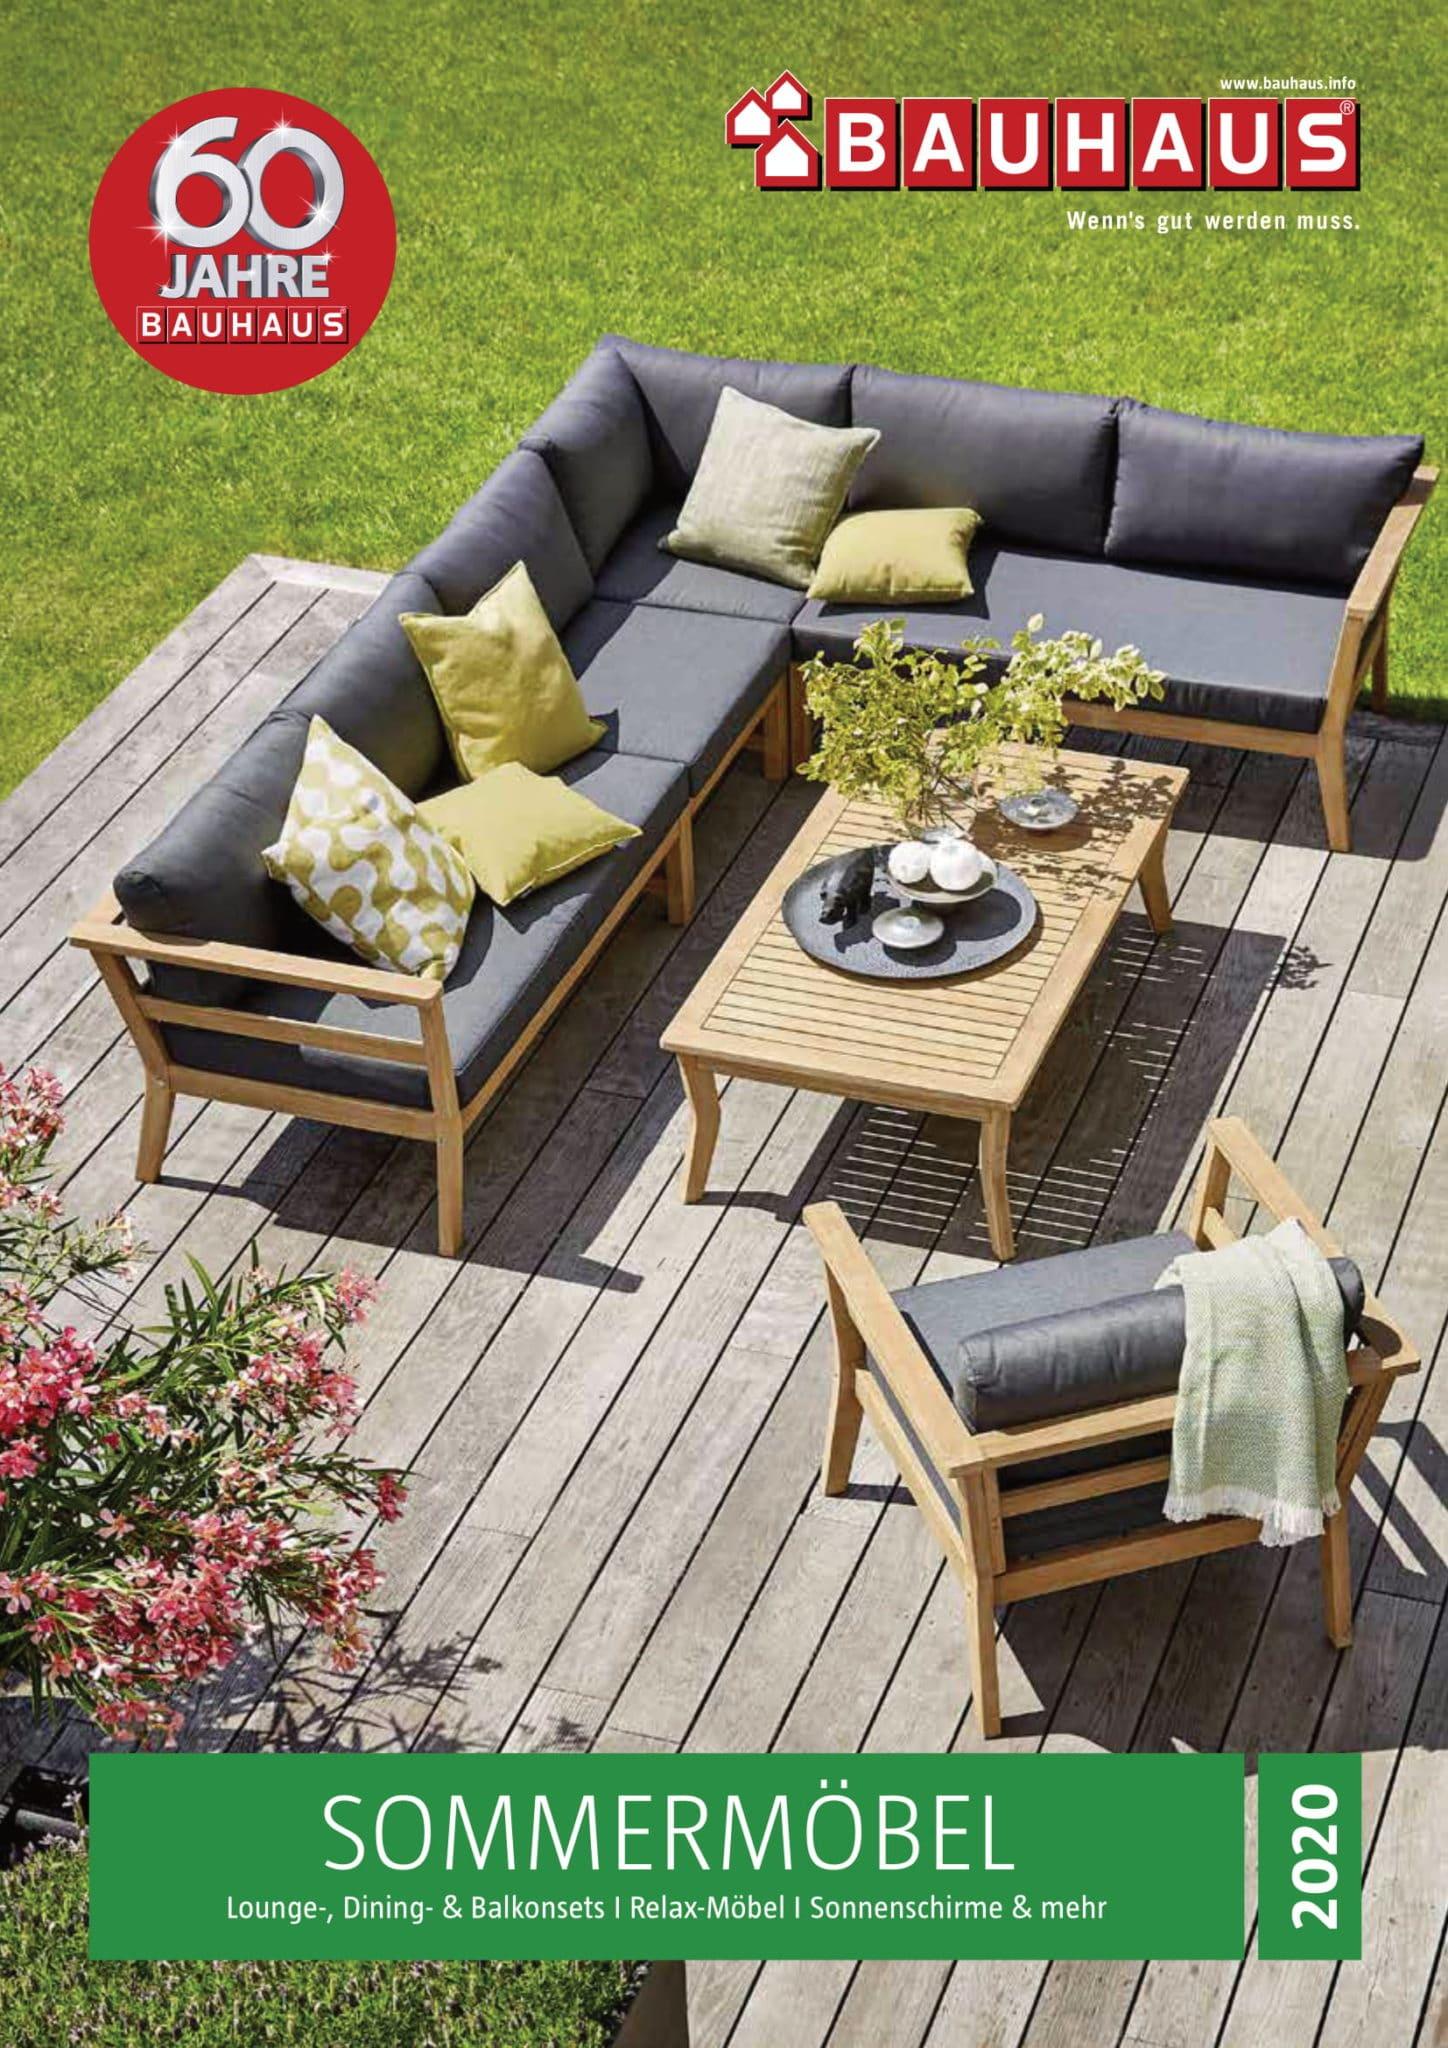 Full Size of Bauhaus Liegestuhl Angebote Gltig Vom 24032020 Bis 31052020 Garten Fenster Wohnzimmer Bauhaus Liegestuhl